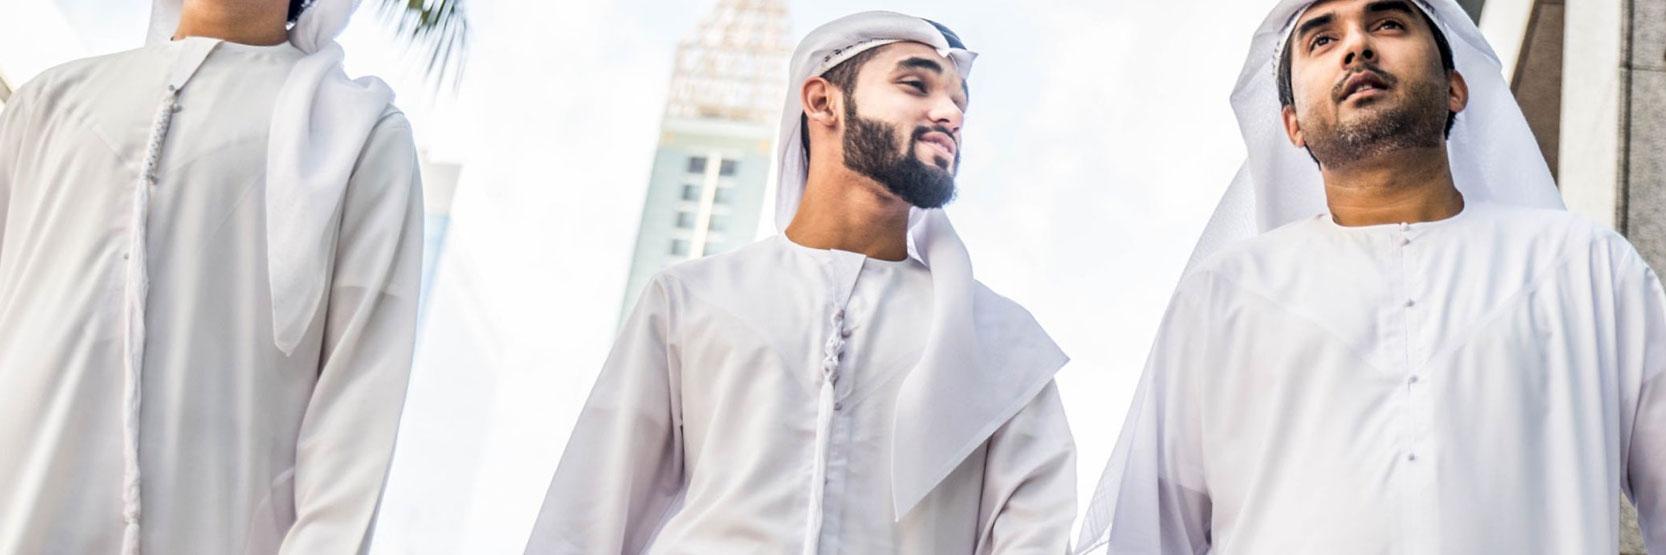 أنواع موديلات الثوب الإماراتي